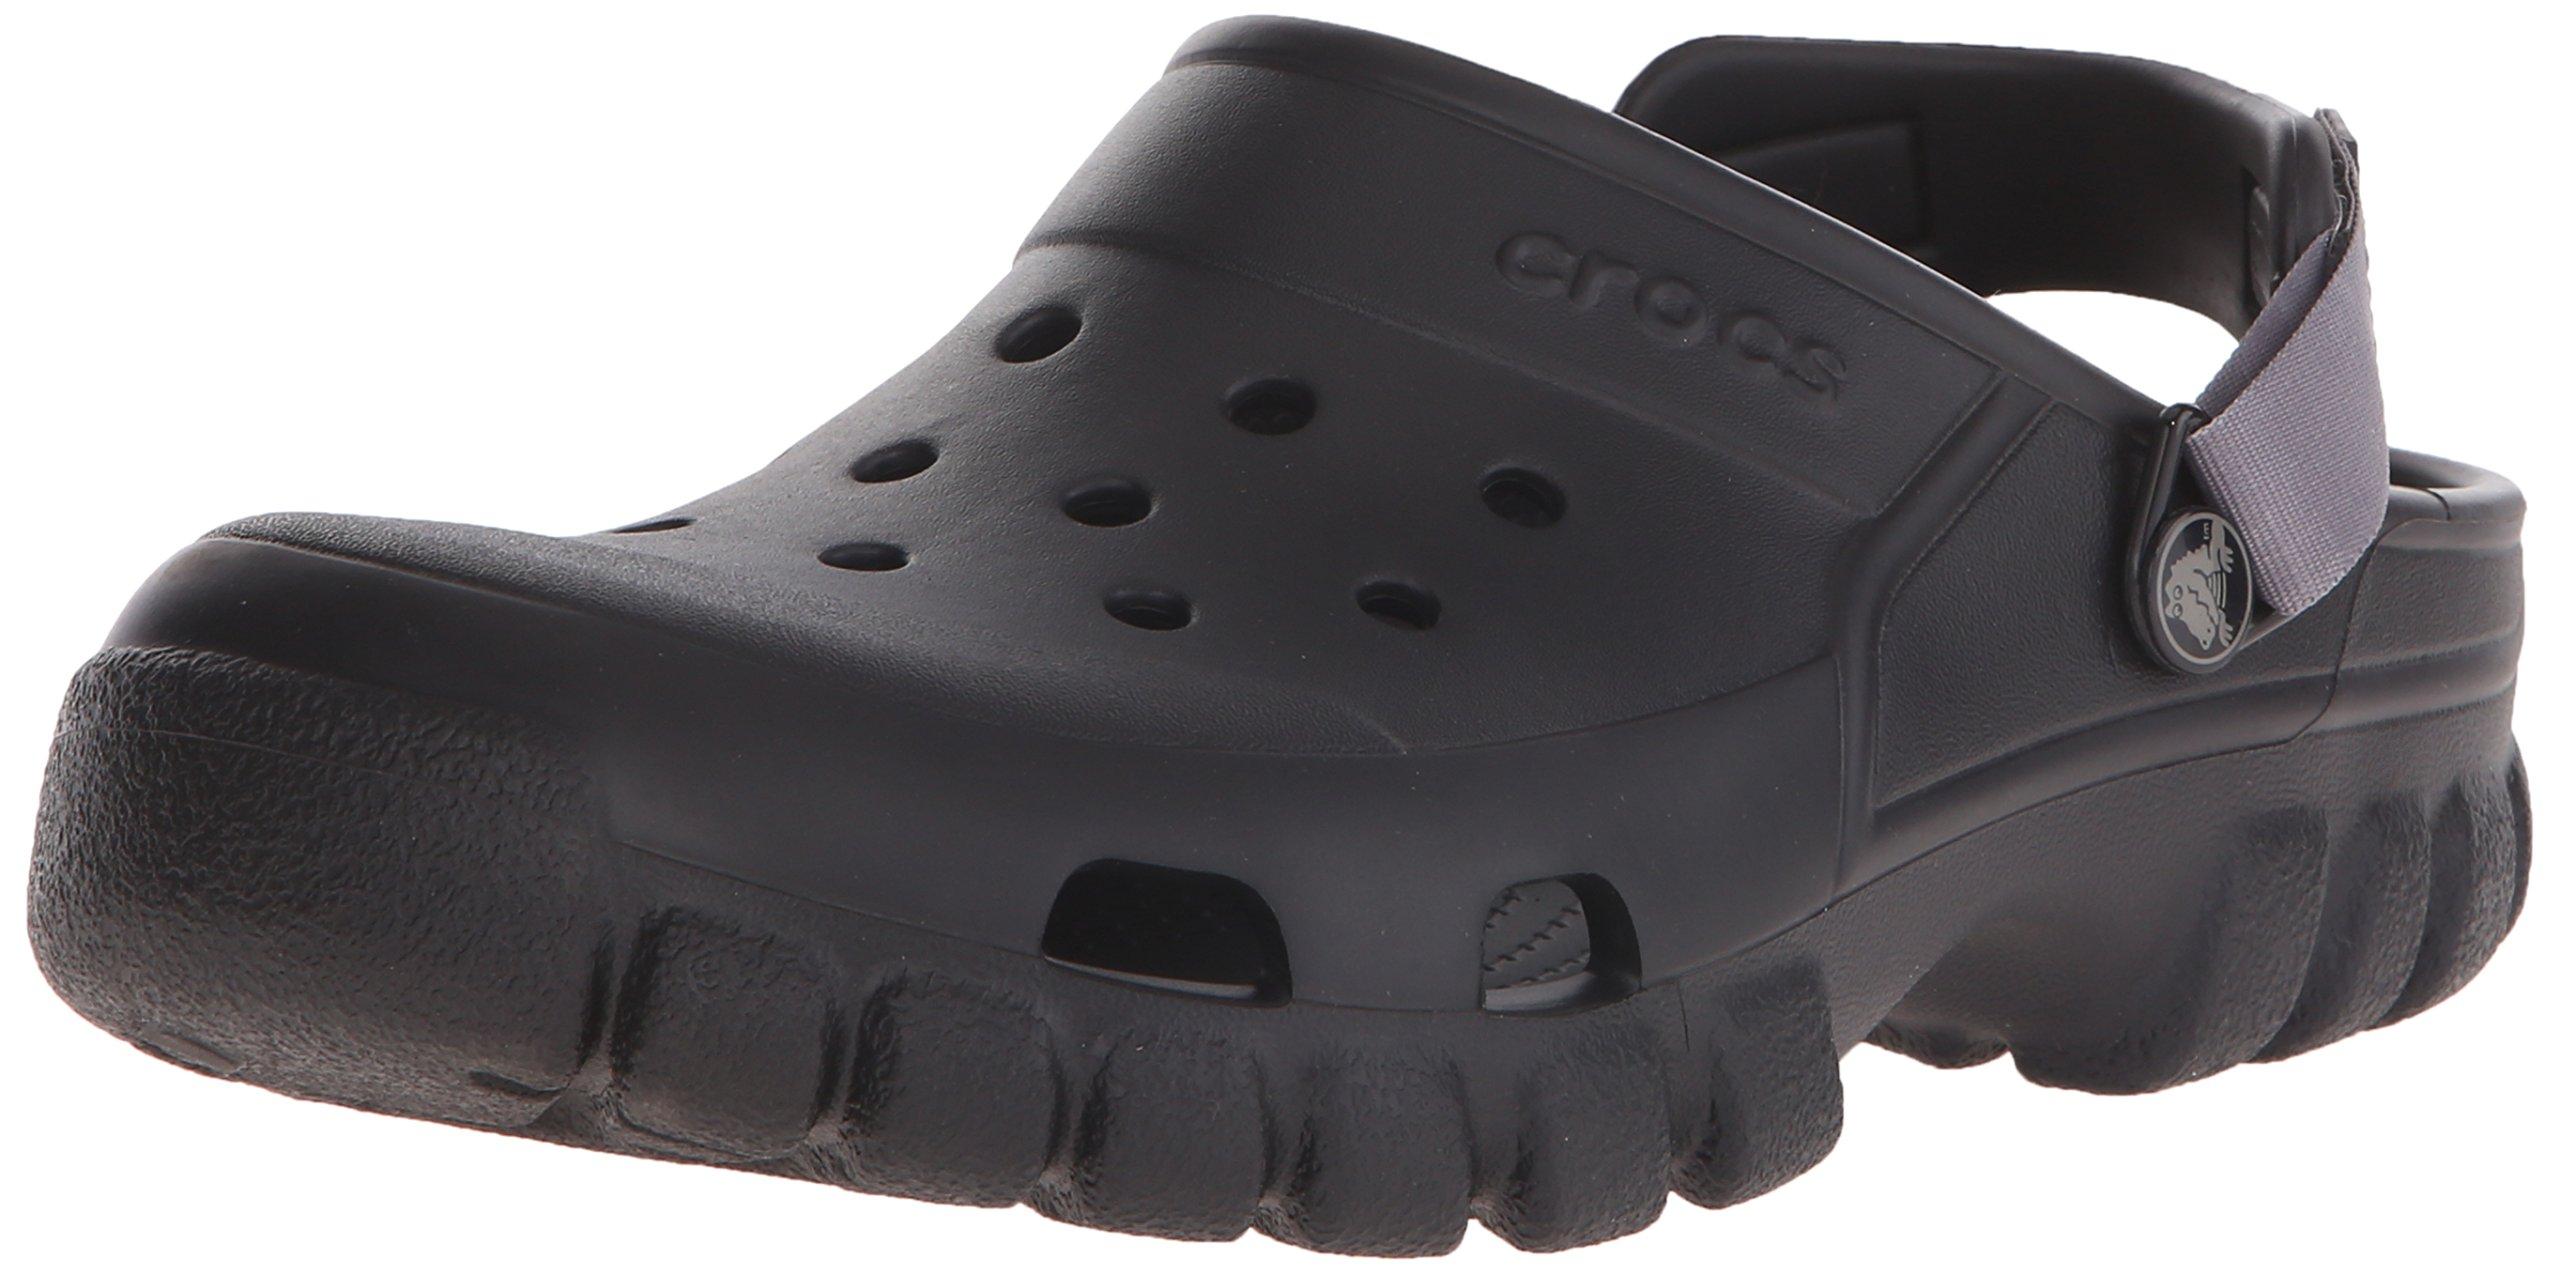 Crocs Unisex Offroad Sport Clog, Black/Graphite, 11 M (D) US Men / 13 M (B) US Women by Crocs